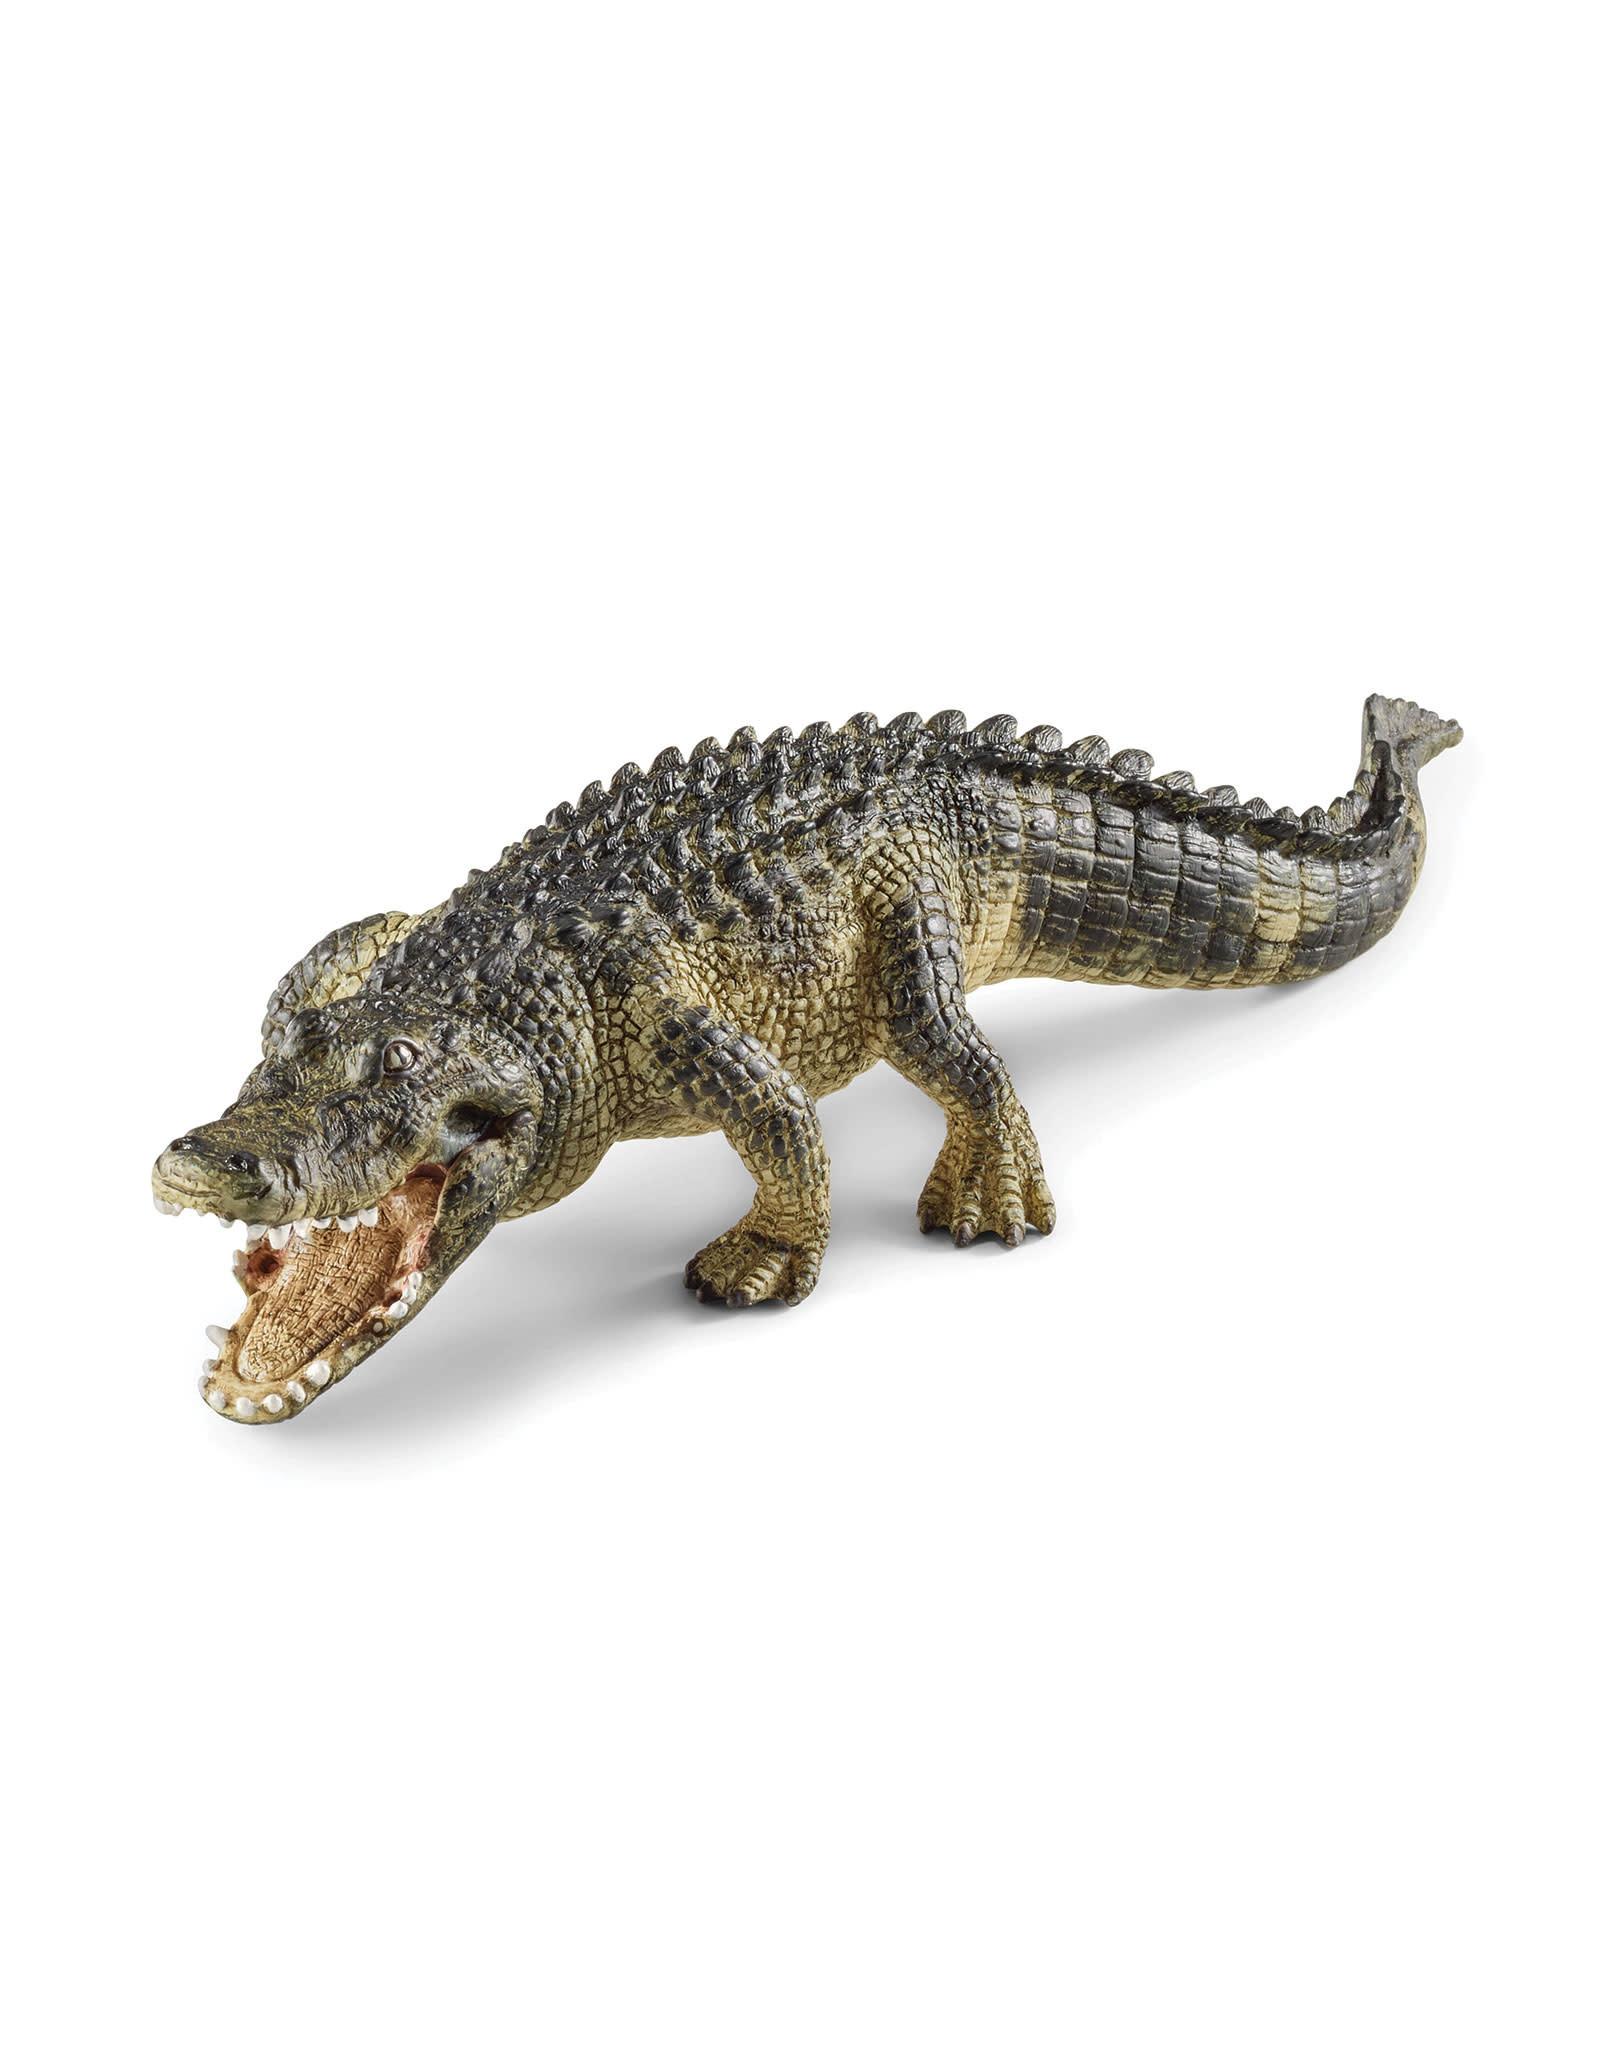 Schleich Animal - Alligator